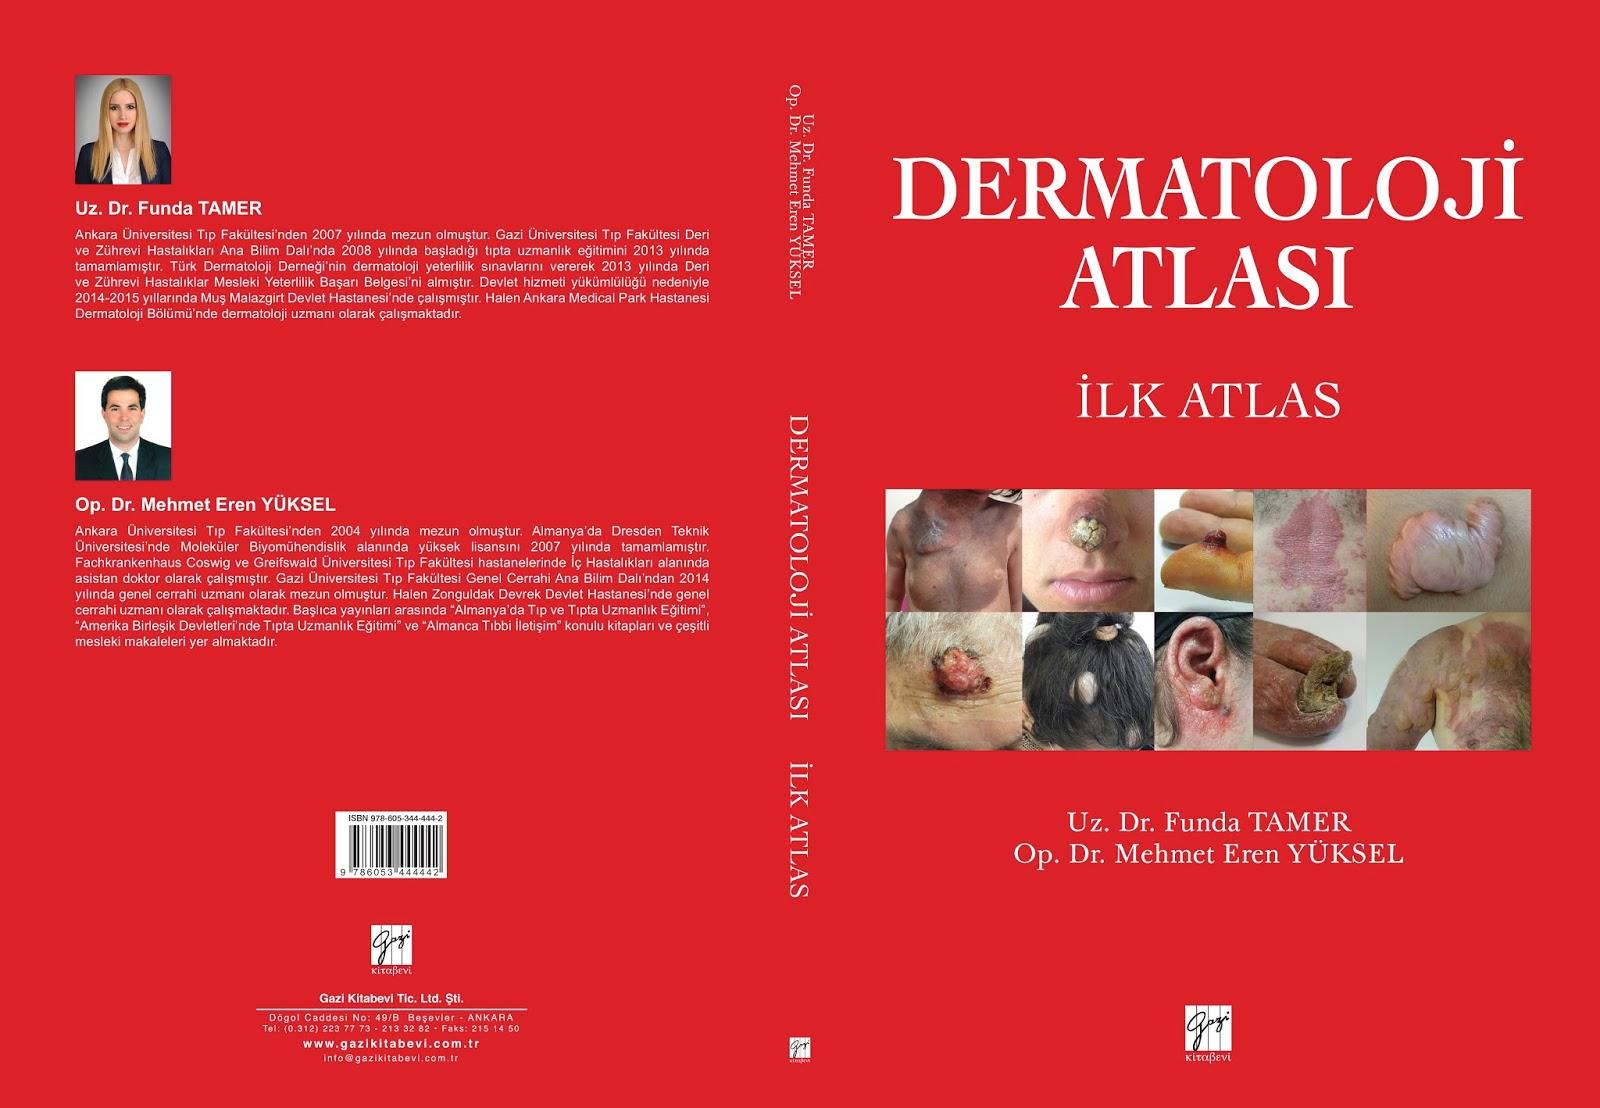 Atlas de dermatologia fotos 95